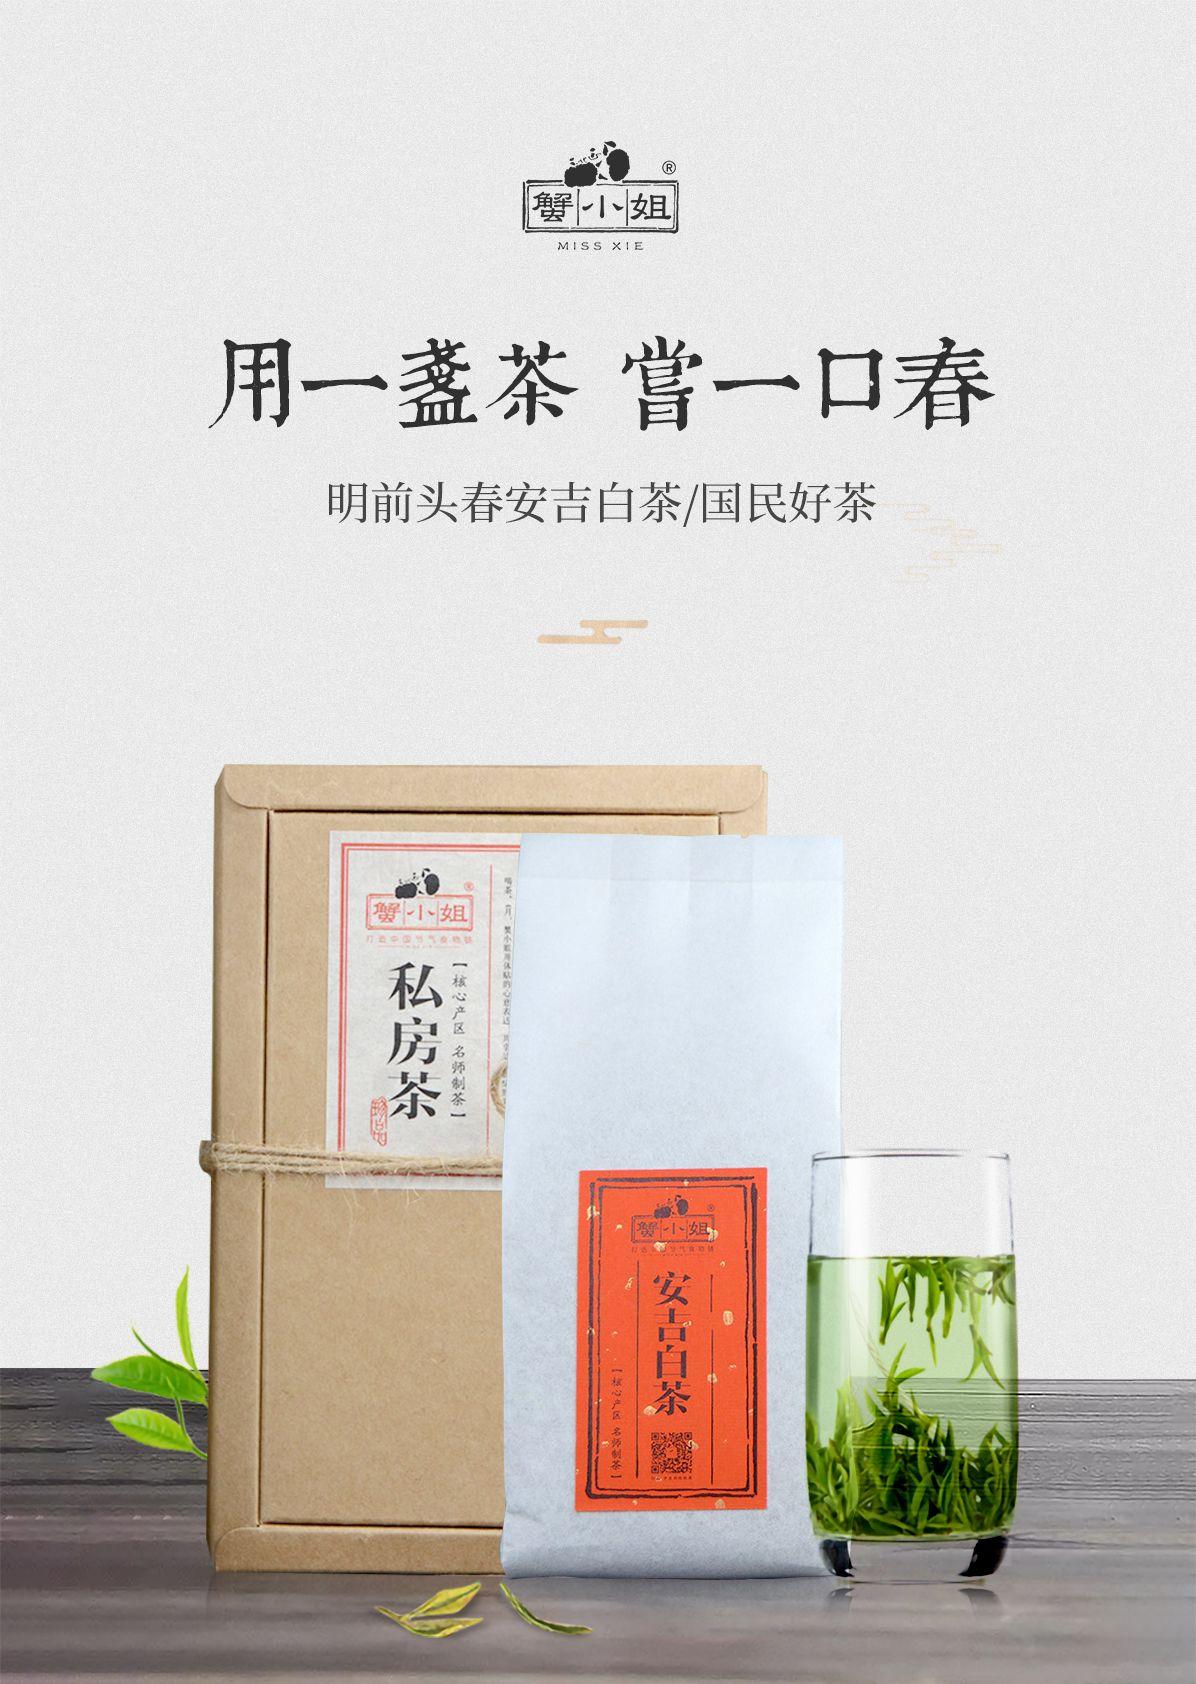 4-13-官网白茶详情_01.jpg